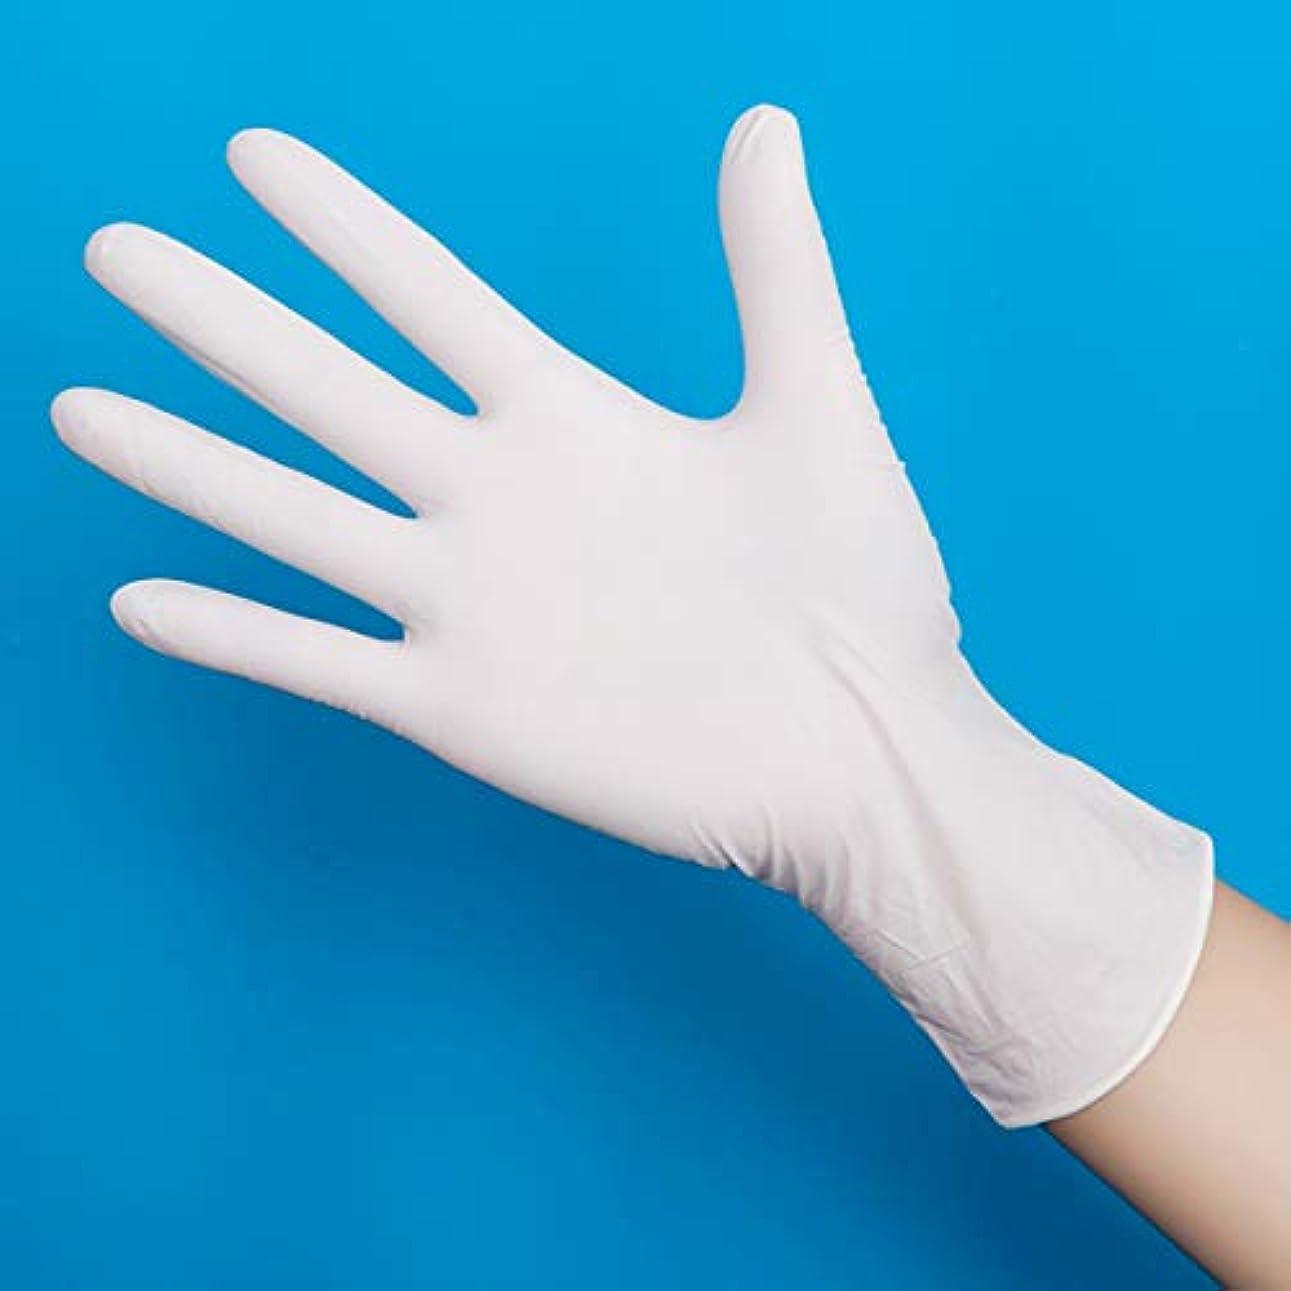 ラビリンス抜け目のない前投薬ニトリルグローブ 使い捨て手袋 グローブ パウダーフリー 作業 介護 調理 炊事 園芸 掃除用,Whitethick100,S